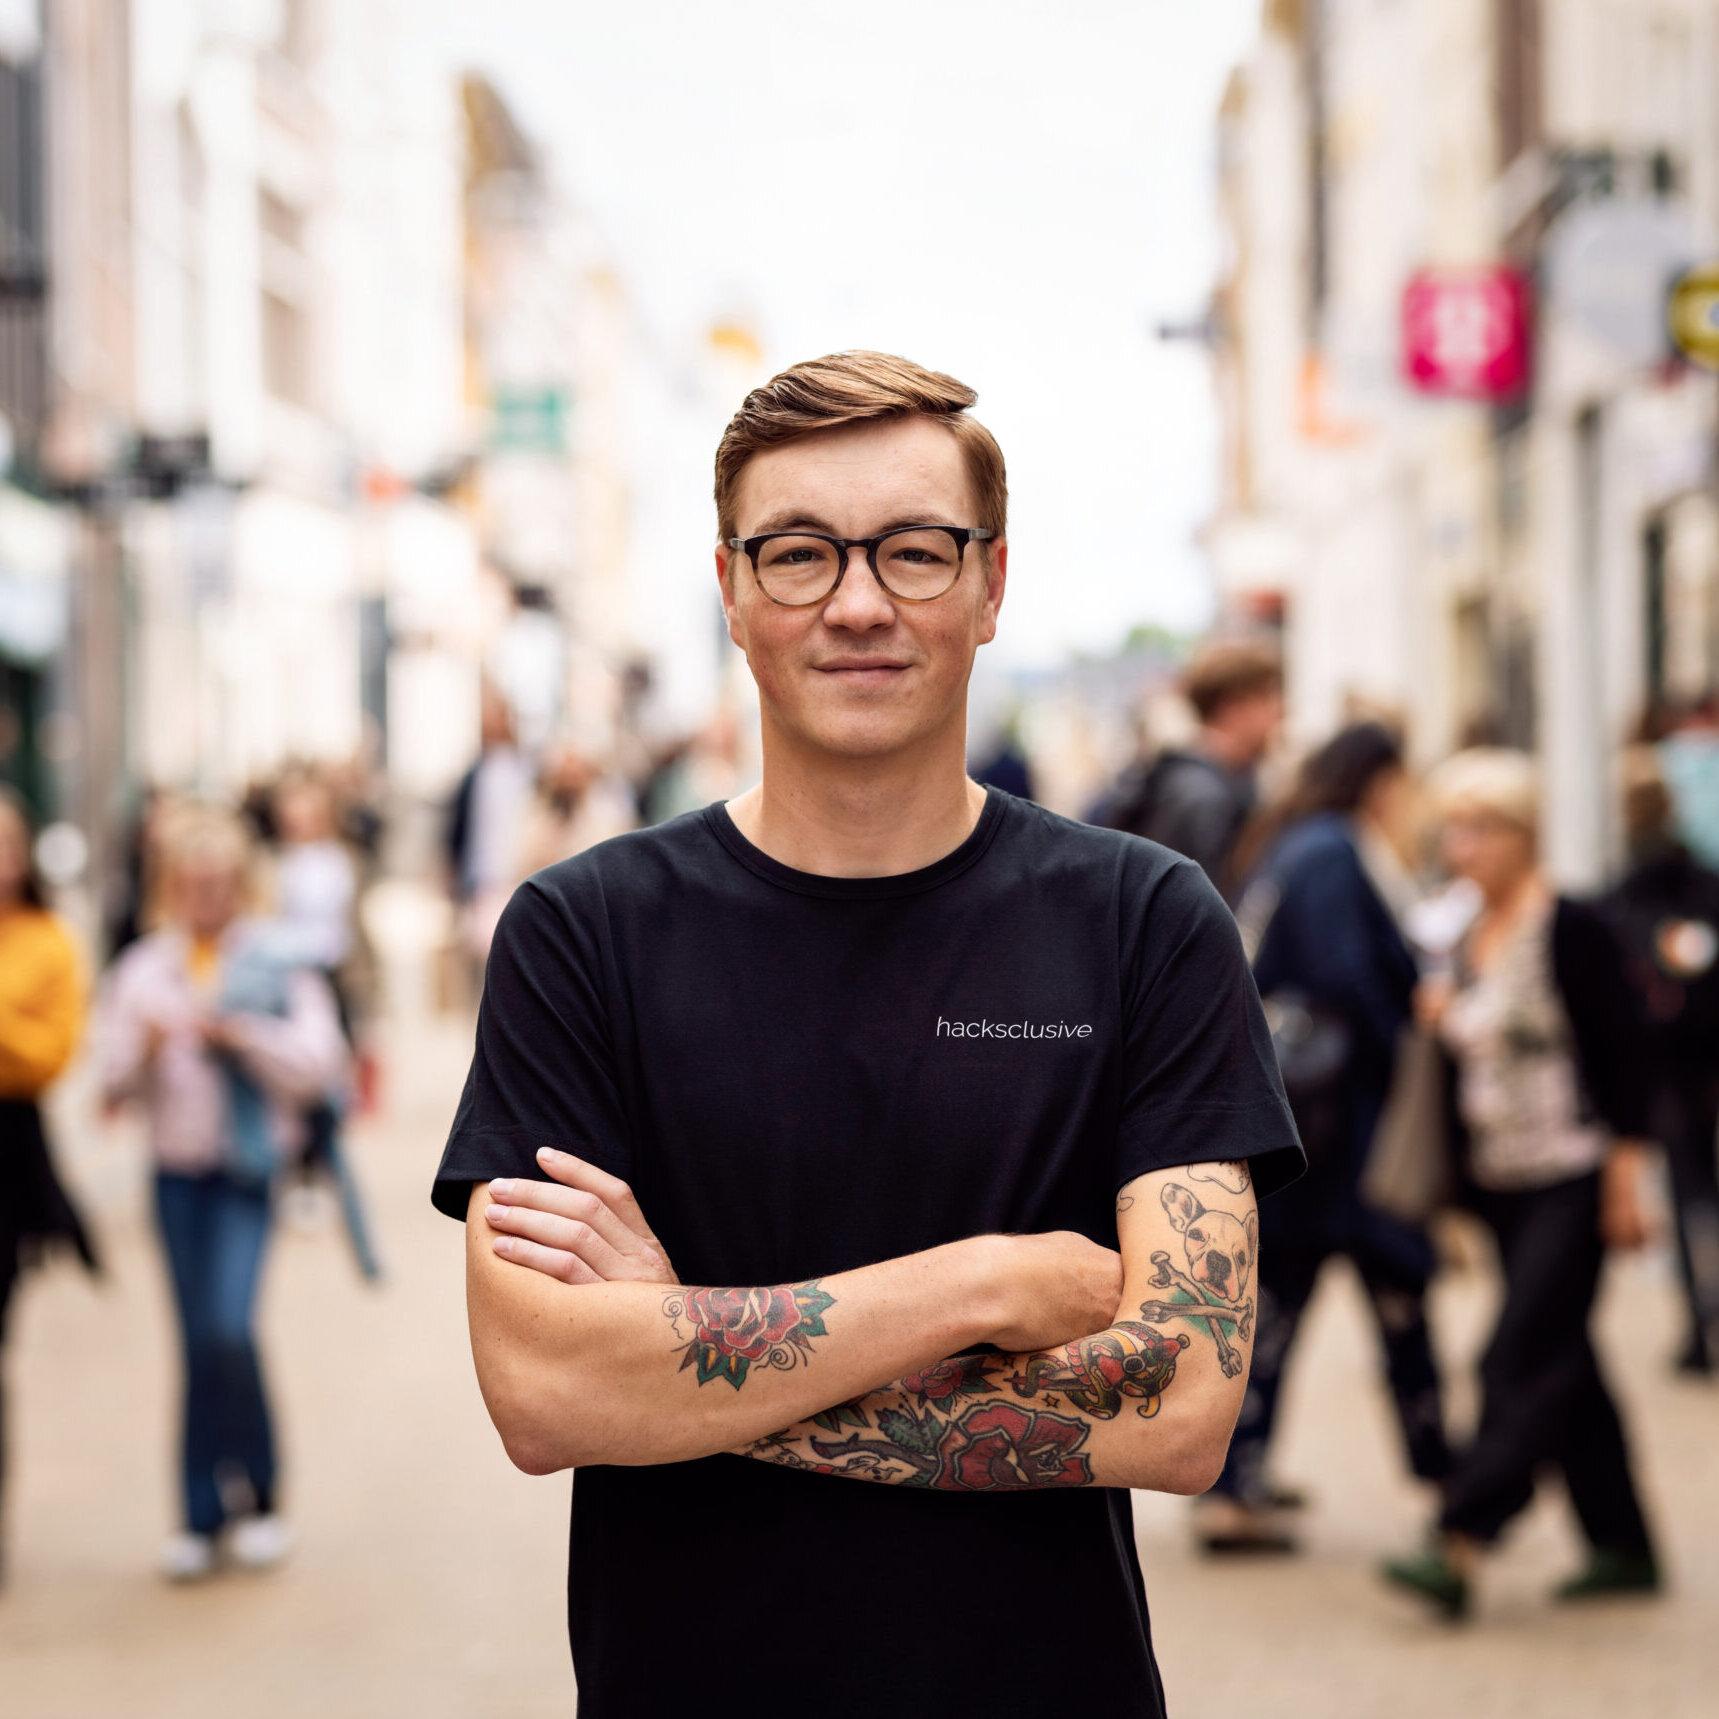 portretfoto in de herestraat groningen met winkelend publiek in de achtergrond